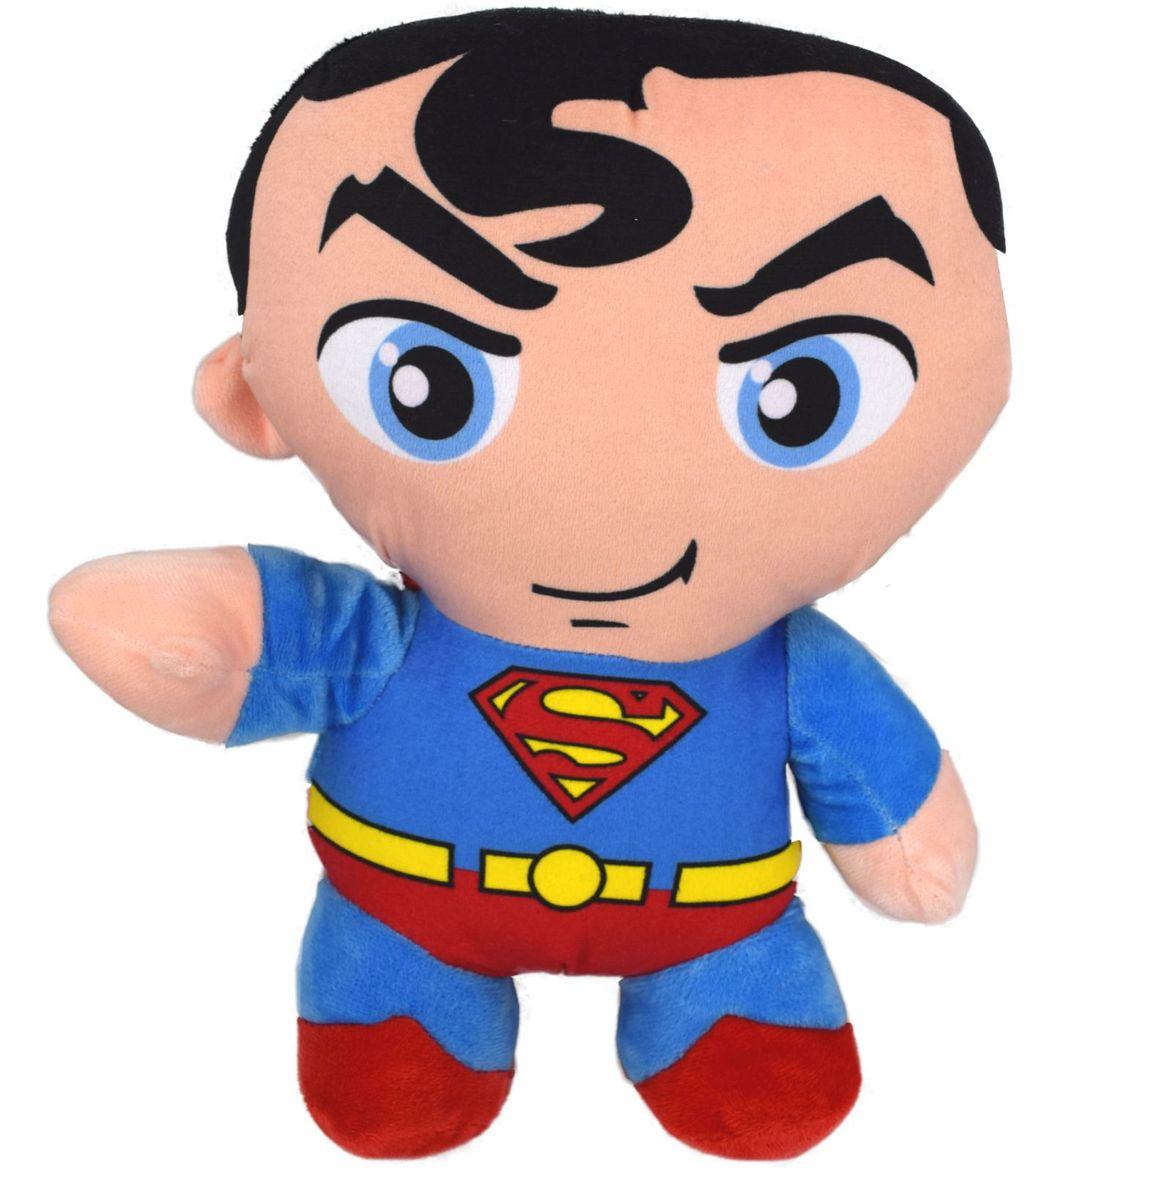 superman pl schfigur pl sch kuscheltier puppe stofftier teddy 31cm. Black Bedroom Furniture Sets. Home Design Ideas